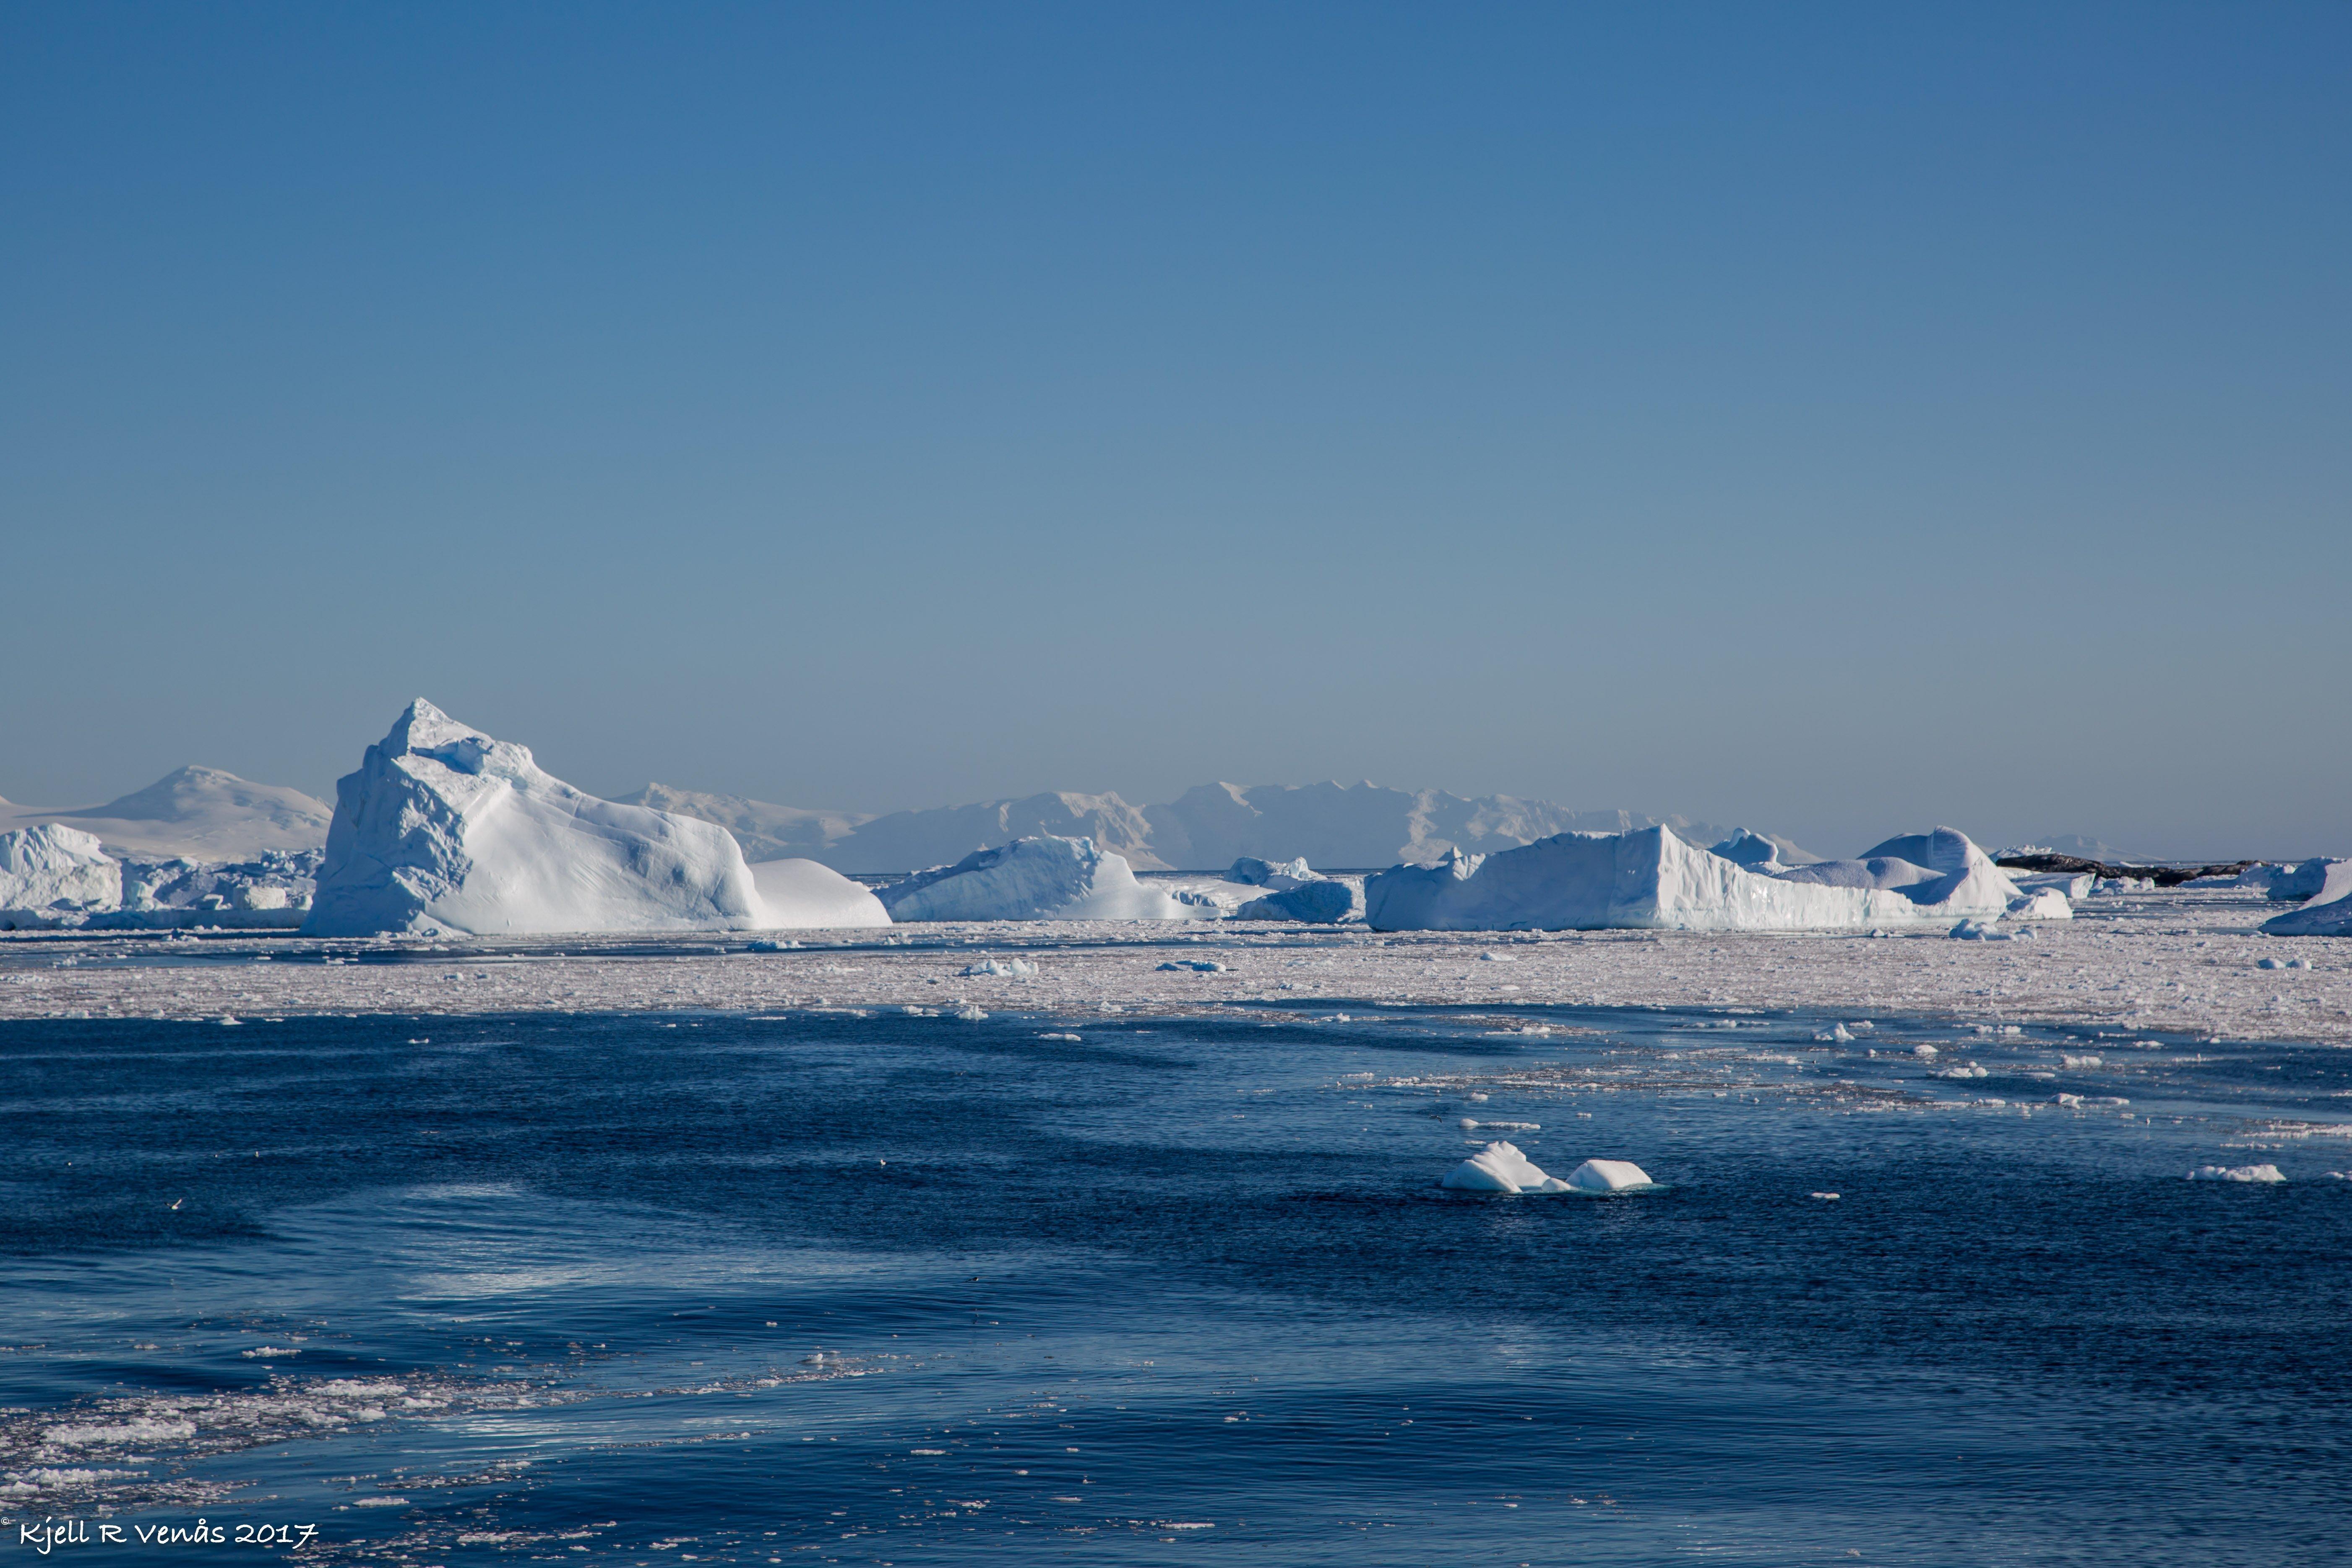 Antarctic icebergs qrill aqua.jpg